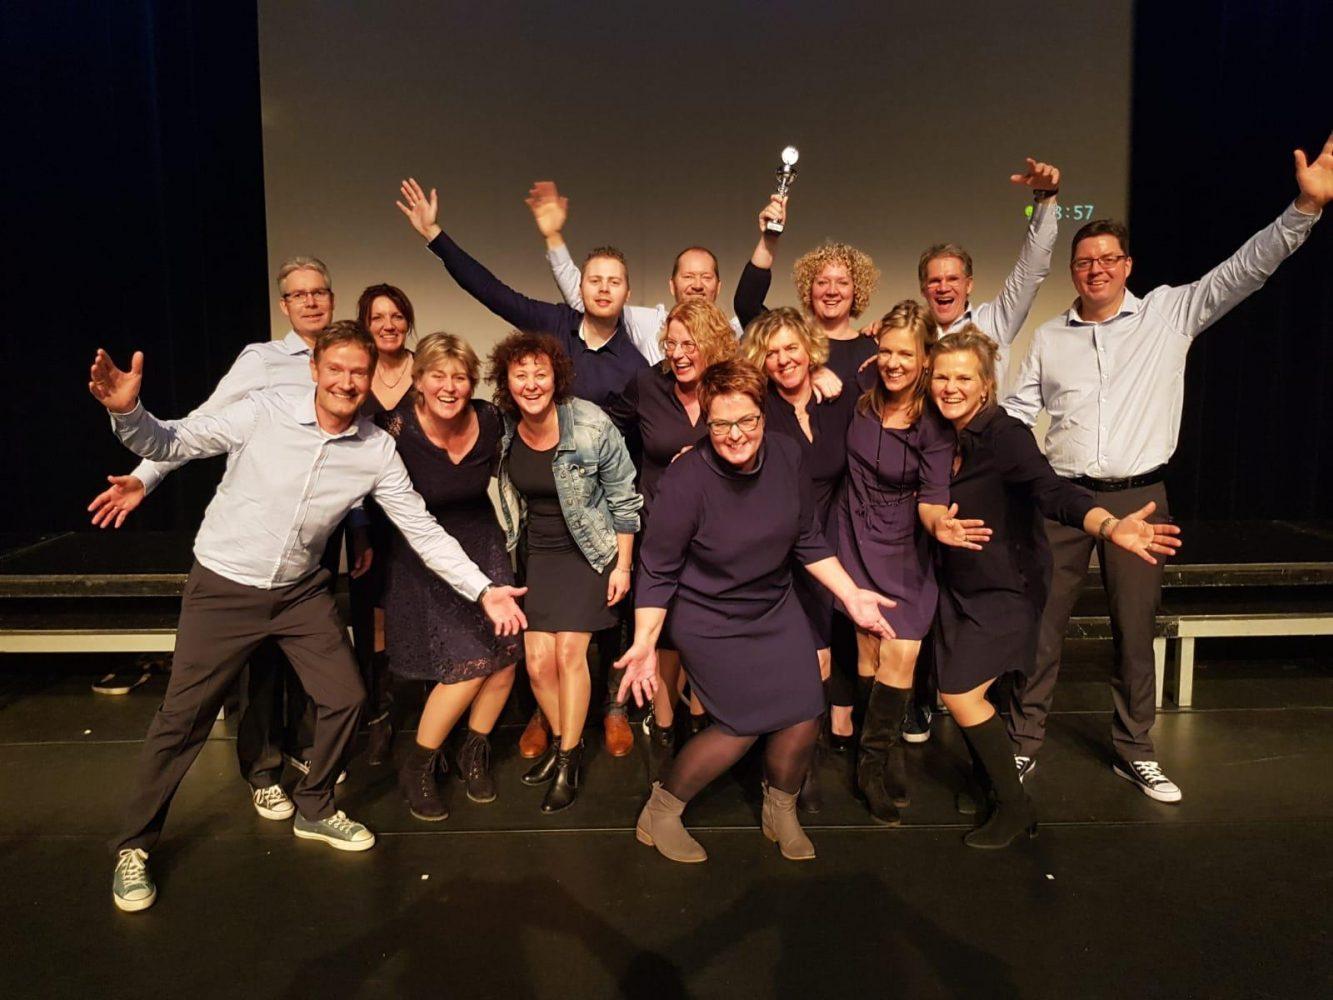 Winnaar korenfestival Steenwijk 2 februari 2019